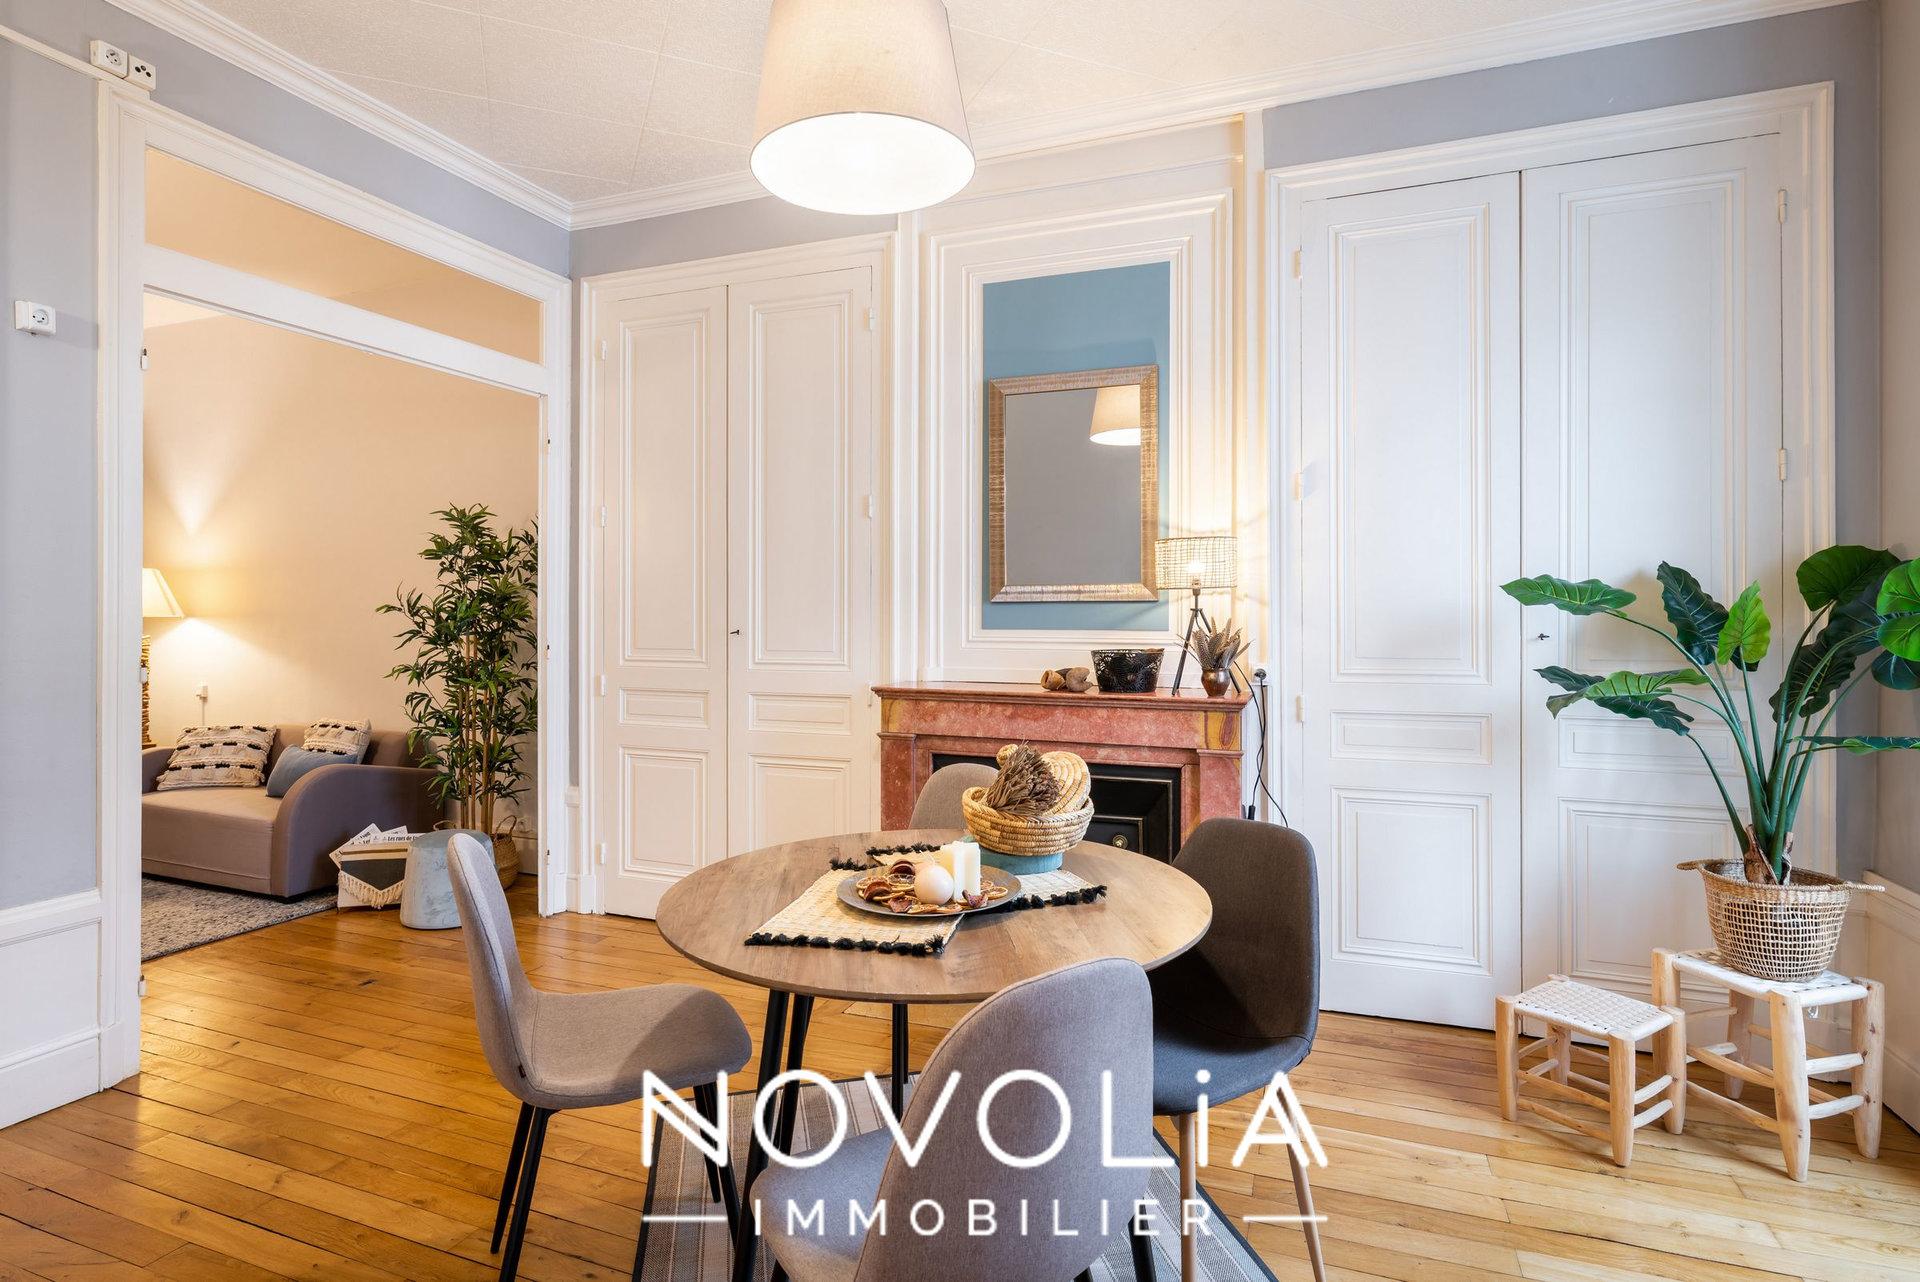 Achat Appartement Surface de 61.05 m²/ Total carrez : 61 m², 3 pièces, Lyon 6ème (69006)